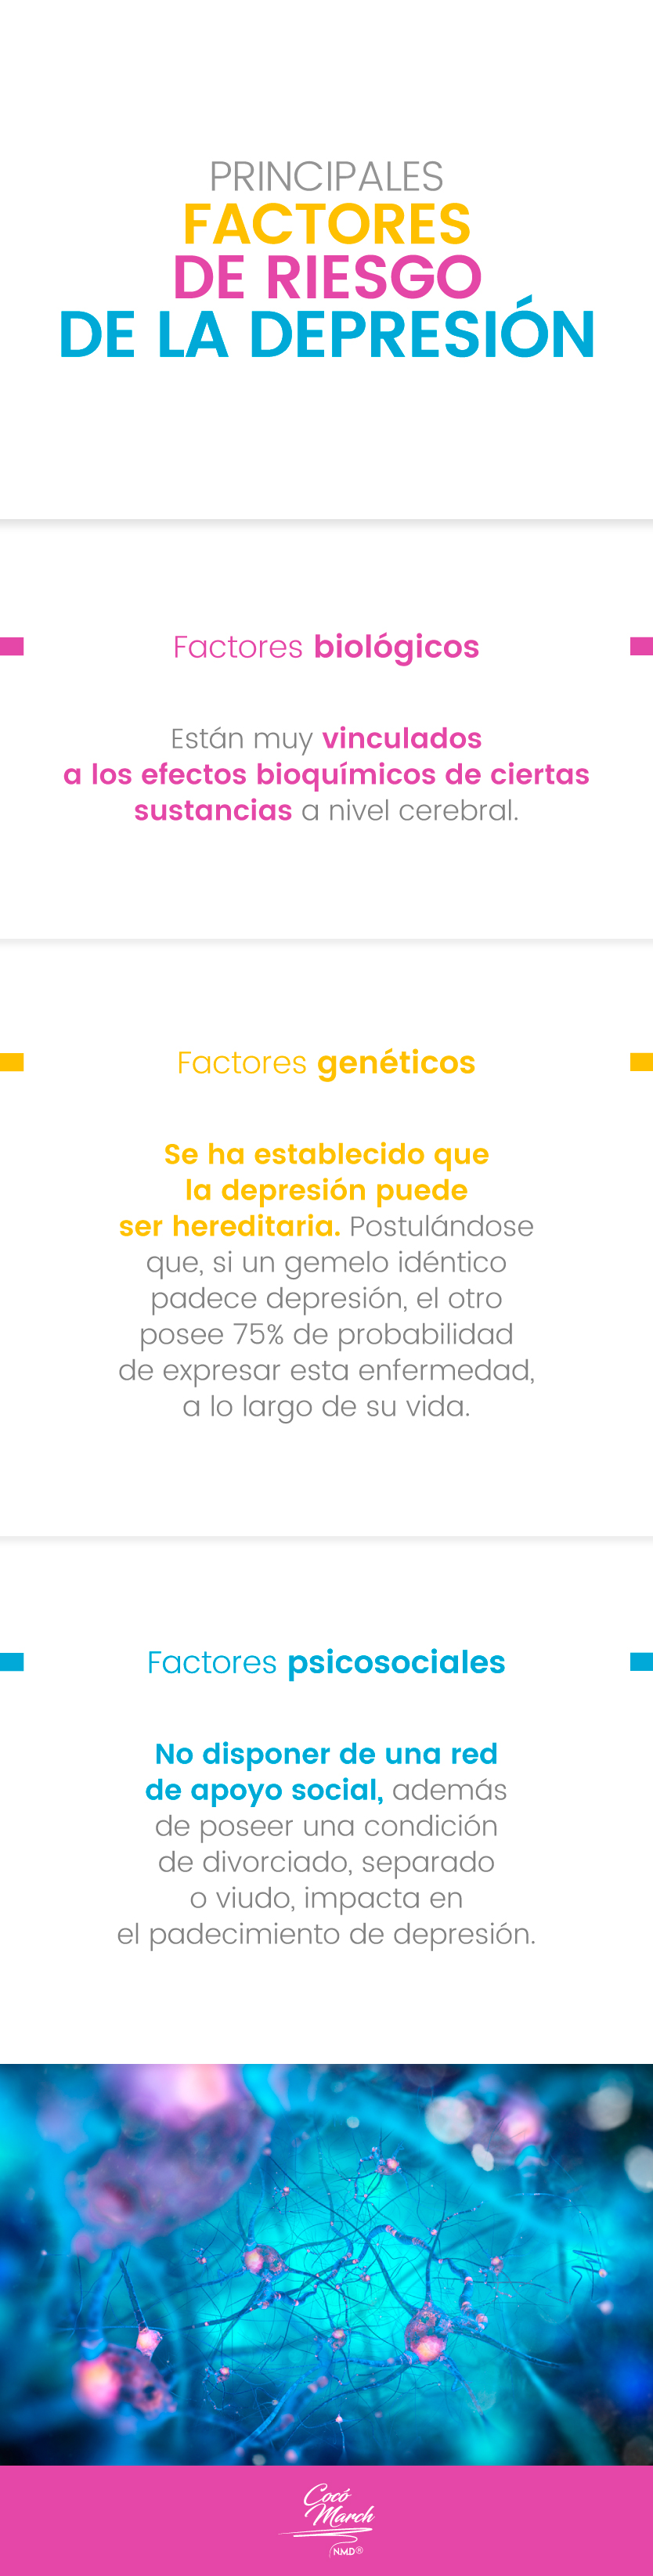 factores-de-riesgo-de-la-depresion